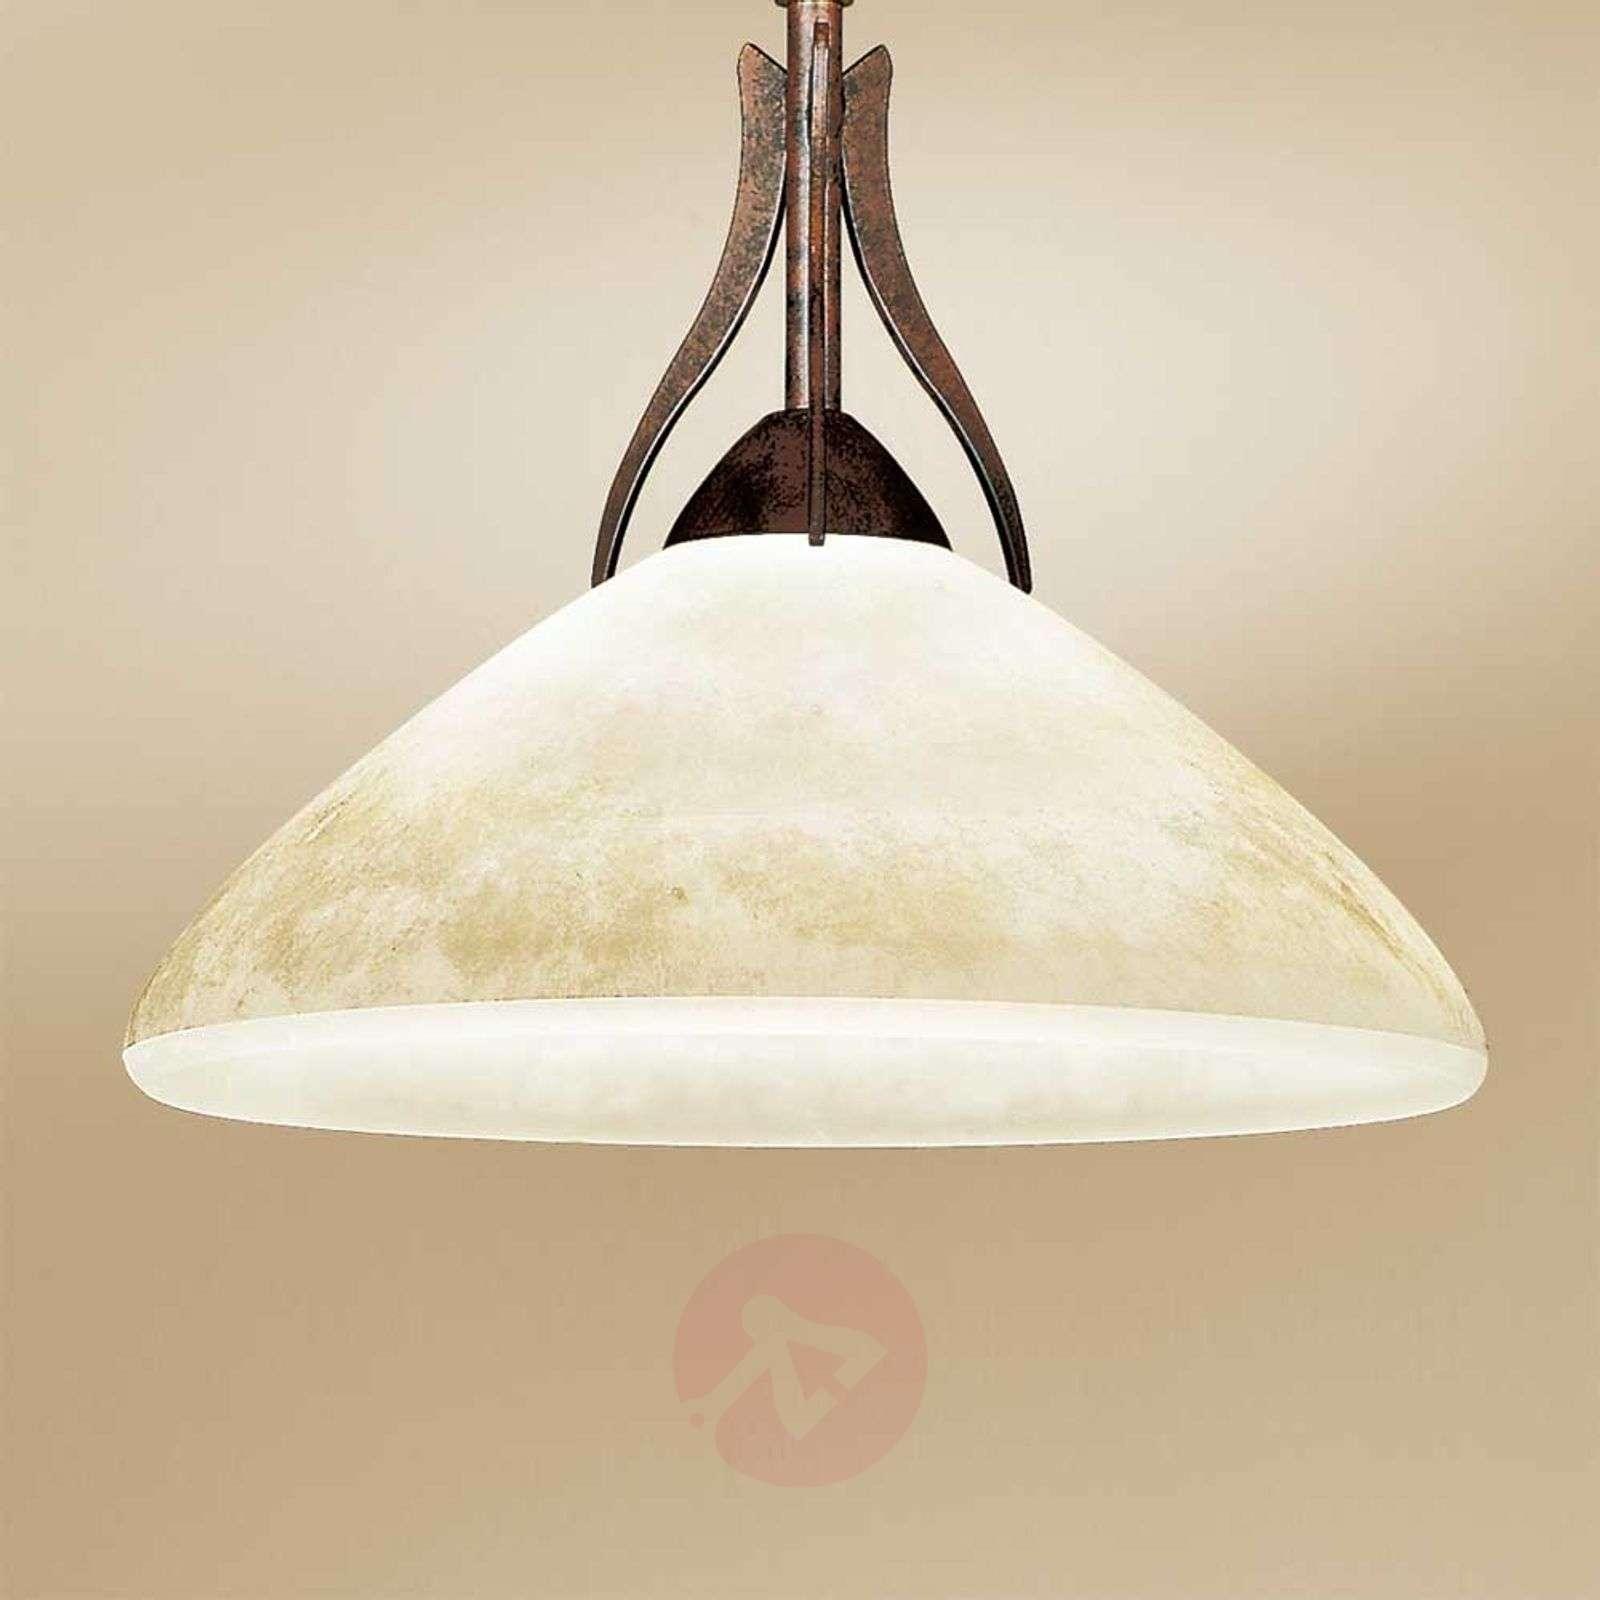 Maalaistyylinen riippuvalo Samuele,1-lampp., scavo